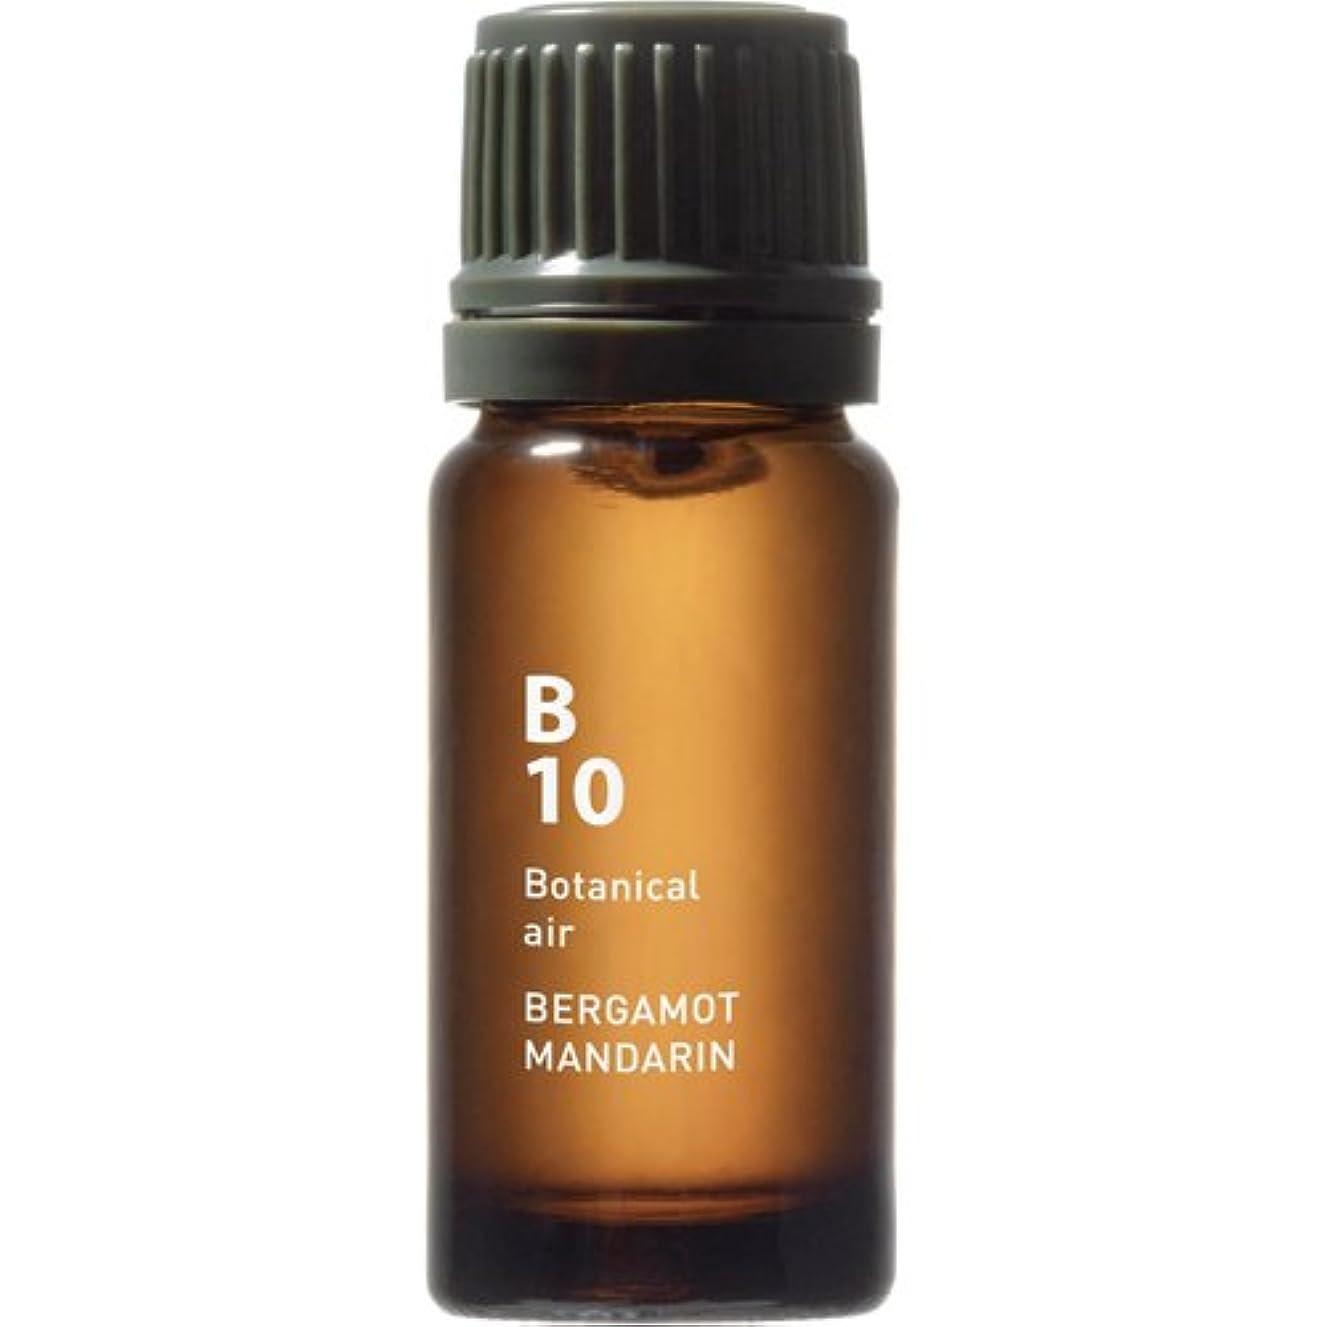 協定同様のパズルB10 ベルガモットマンダリン Botanical air(ボタニカルエアー) 10ml